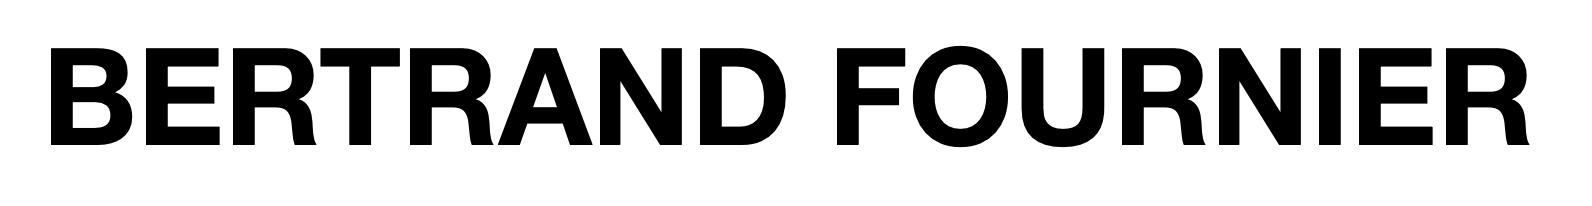 Bertrand Fournier Logo